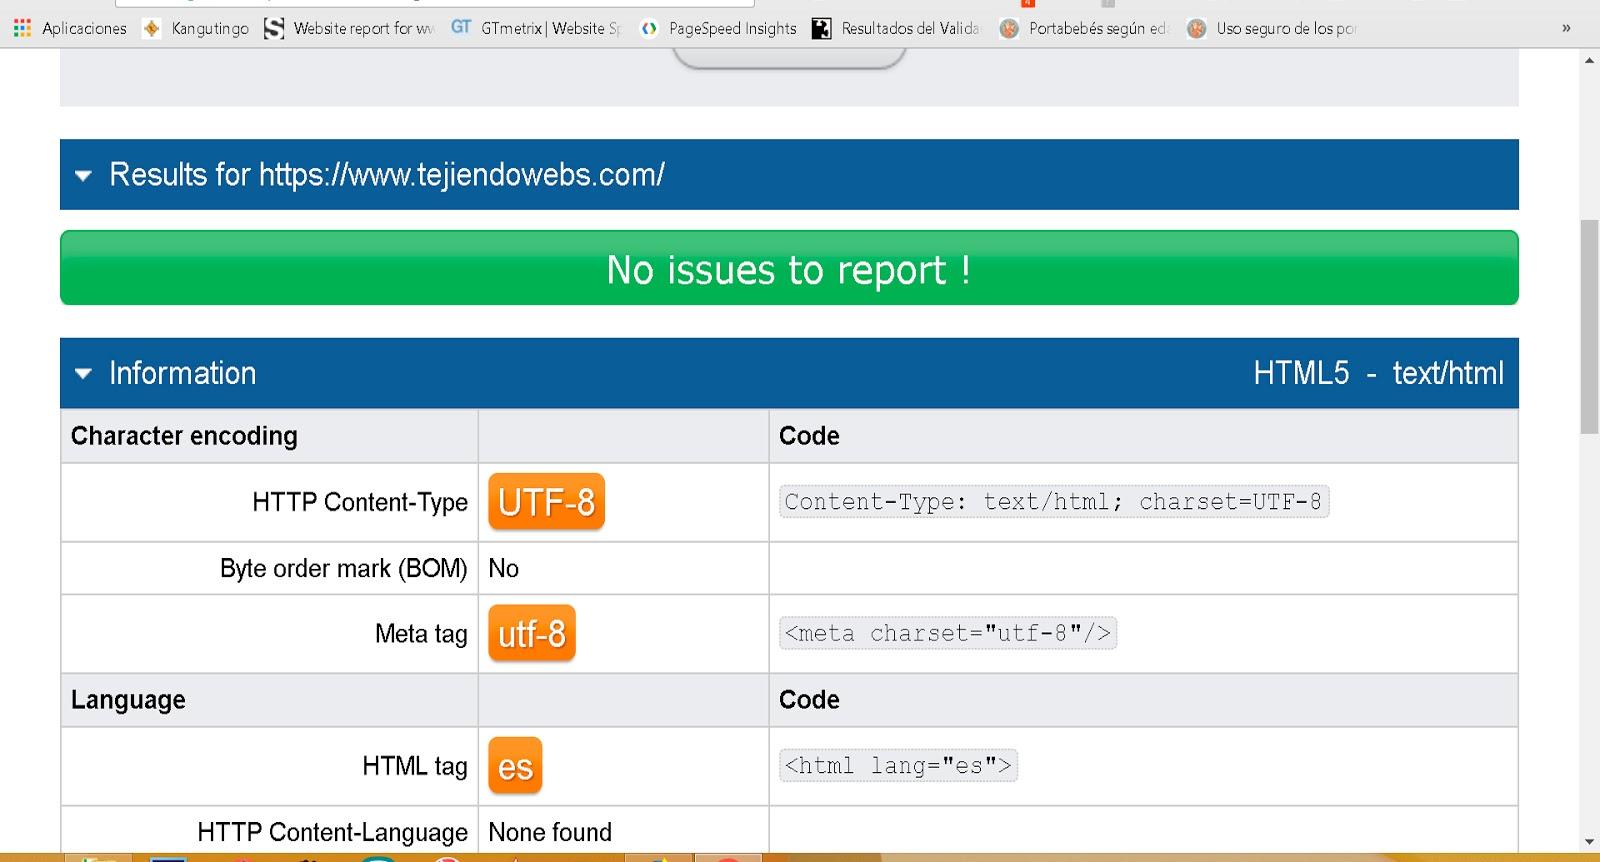 plantillas validadas con W3C